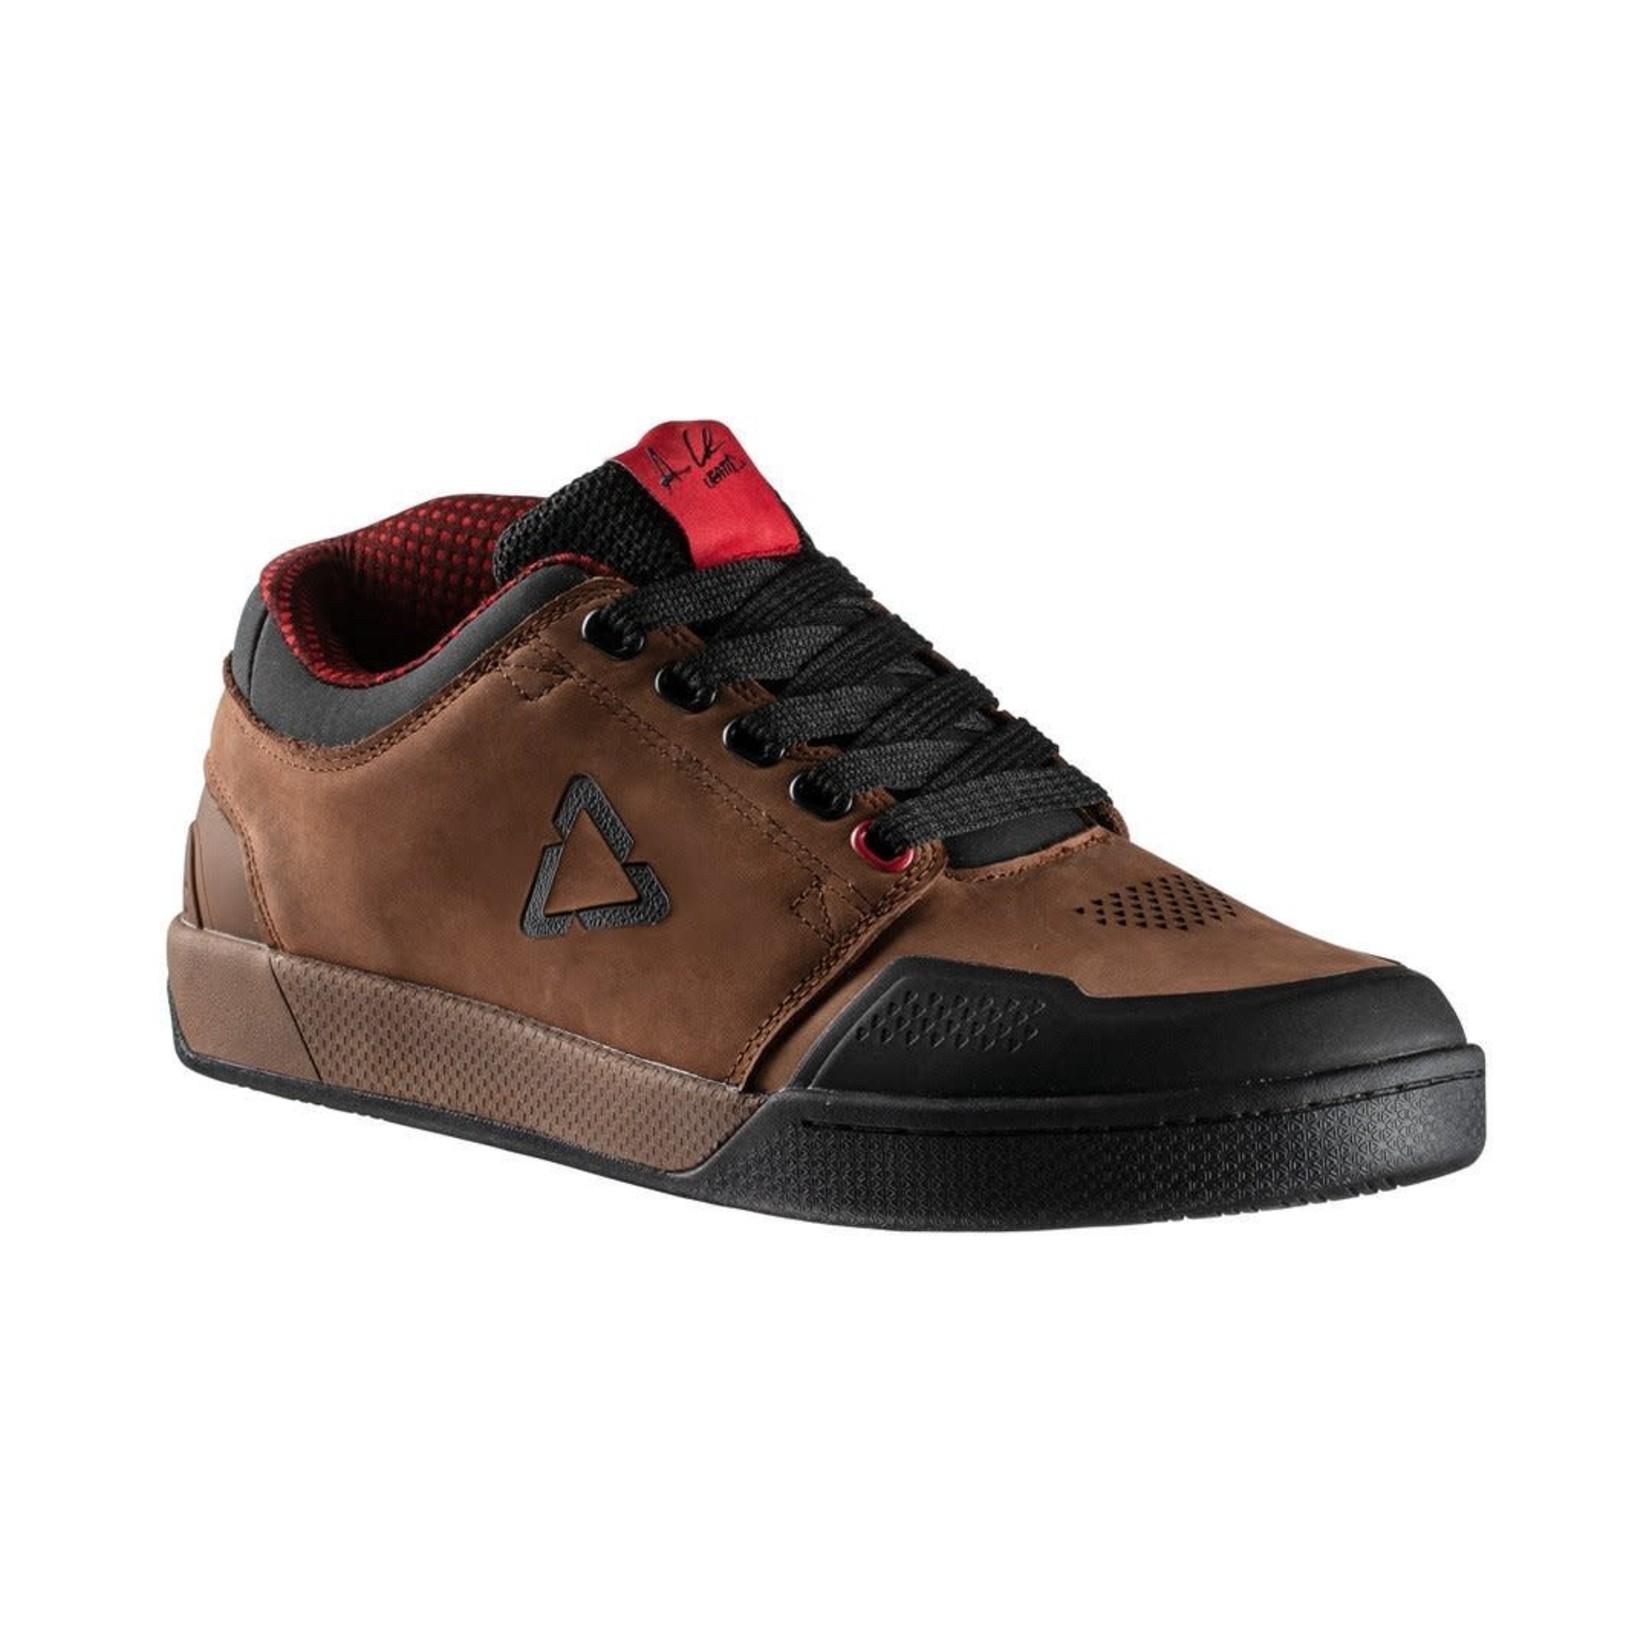 LEATT LEATT - scarpe DBX 3.0 FLAT Aaron Chase marroni 43.5